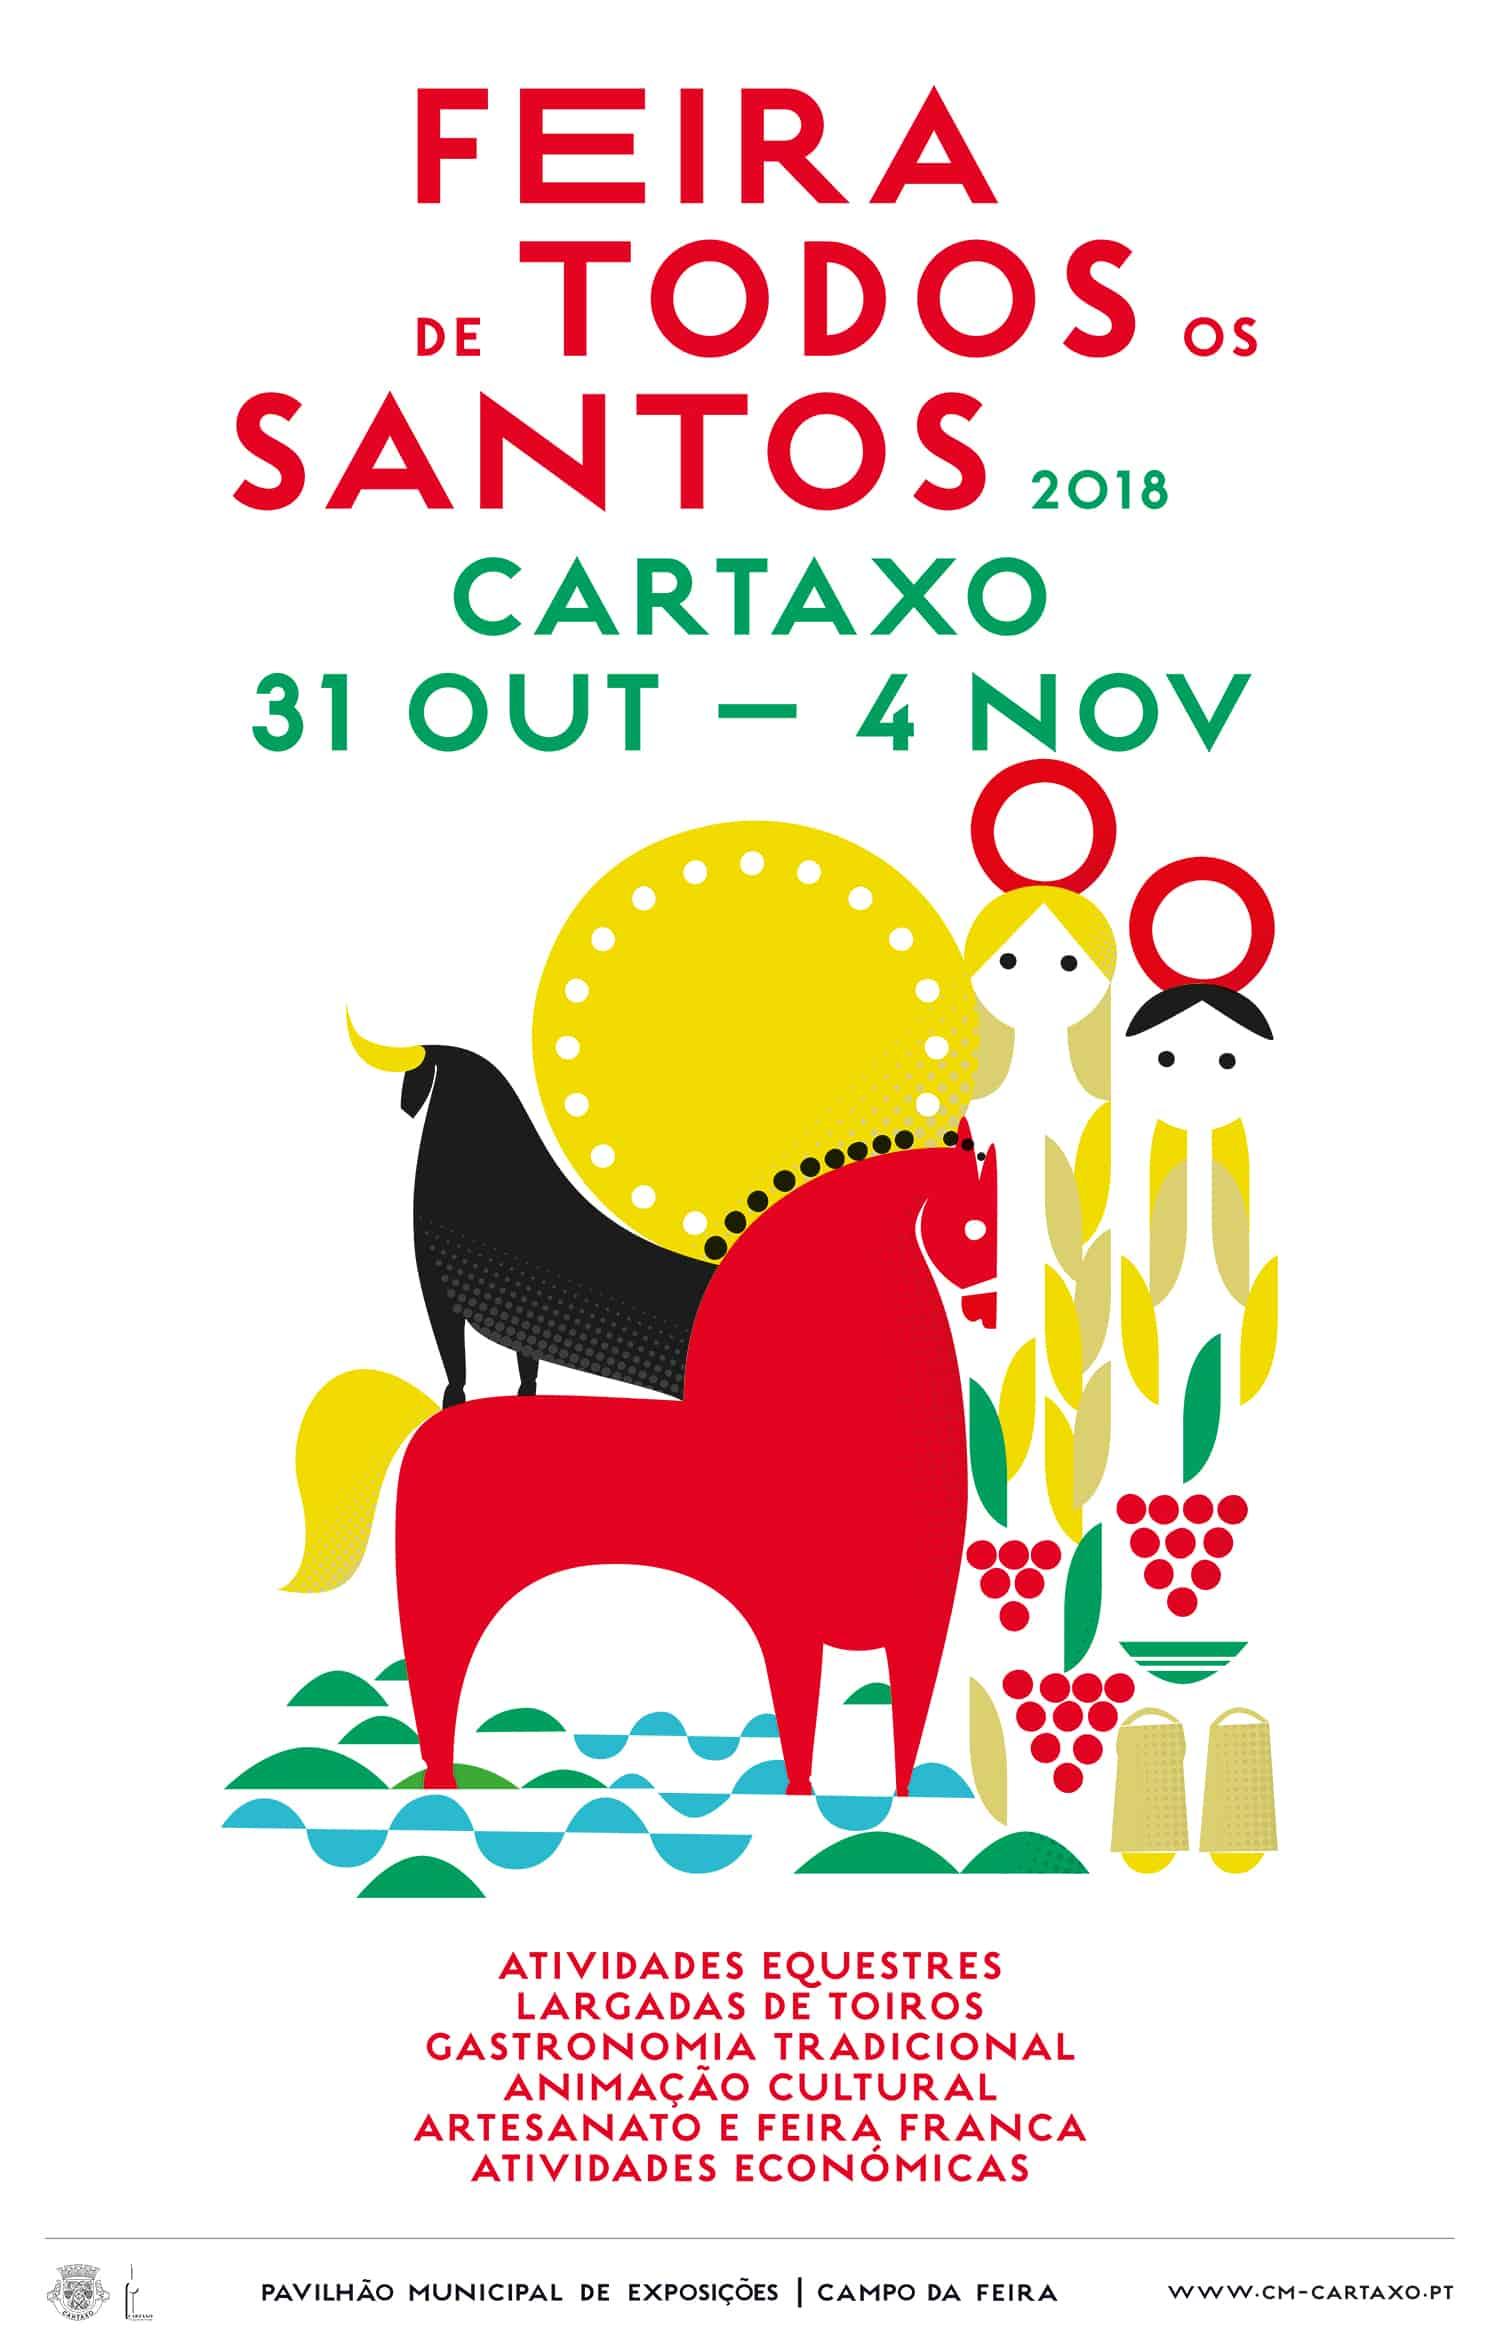 FEIRA DE TODOS OS SANTOS 2018 | CARTAXO